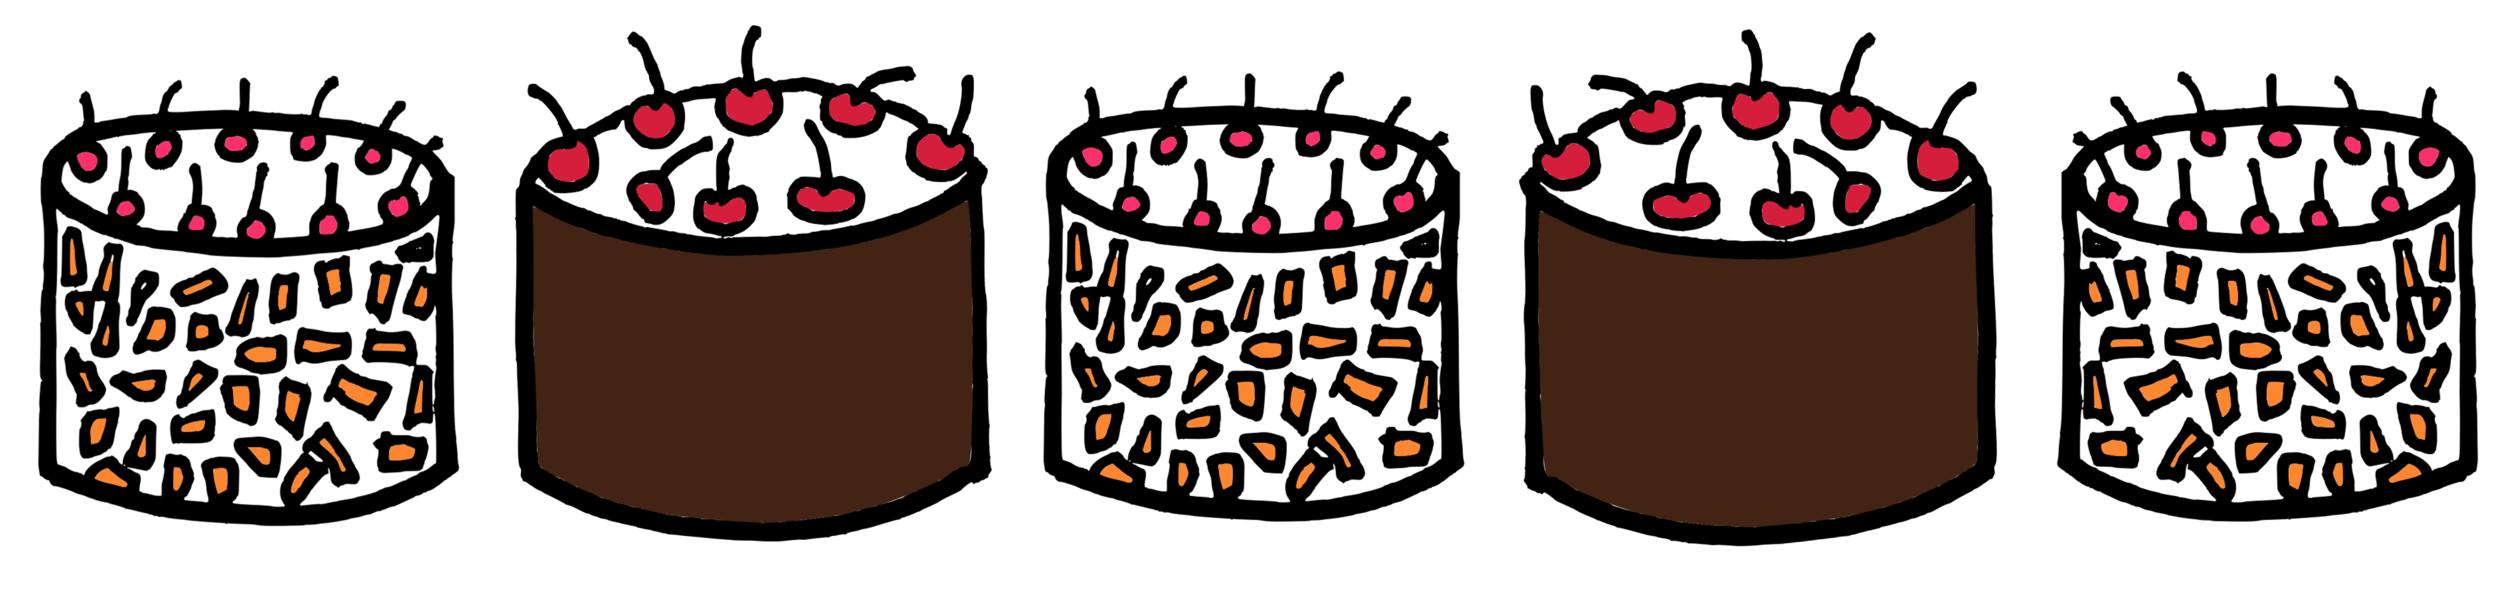 kirsch cakes